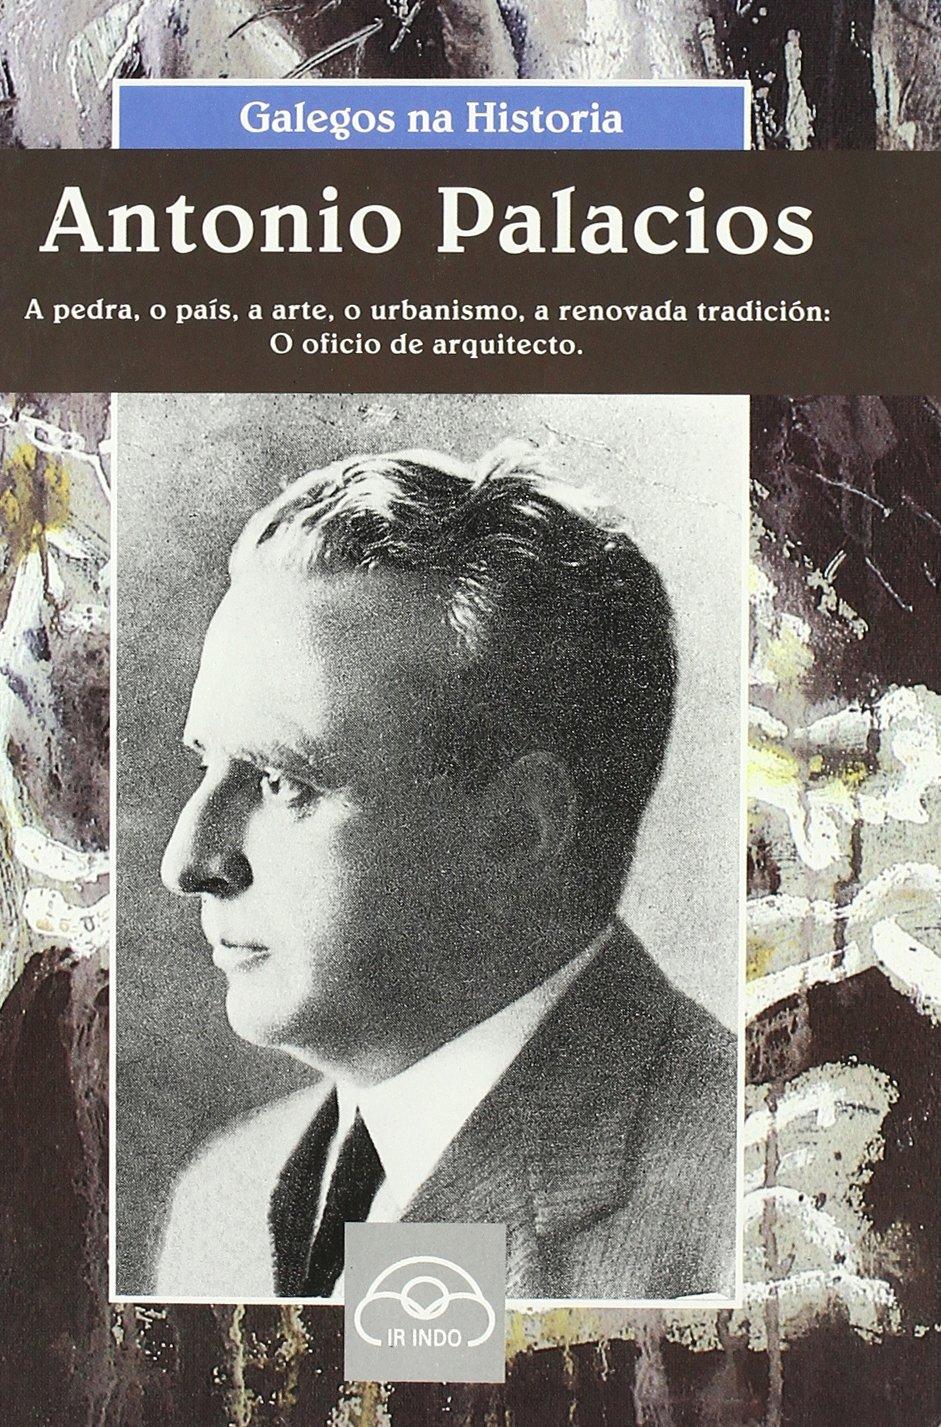 Antonio Palacios: A pedra, o país, a arte, o urbanismo, a renovada tradición: o oficio de arquitecto (Galegos na Historia)